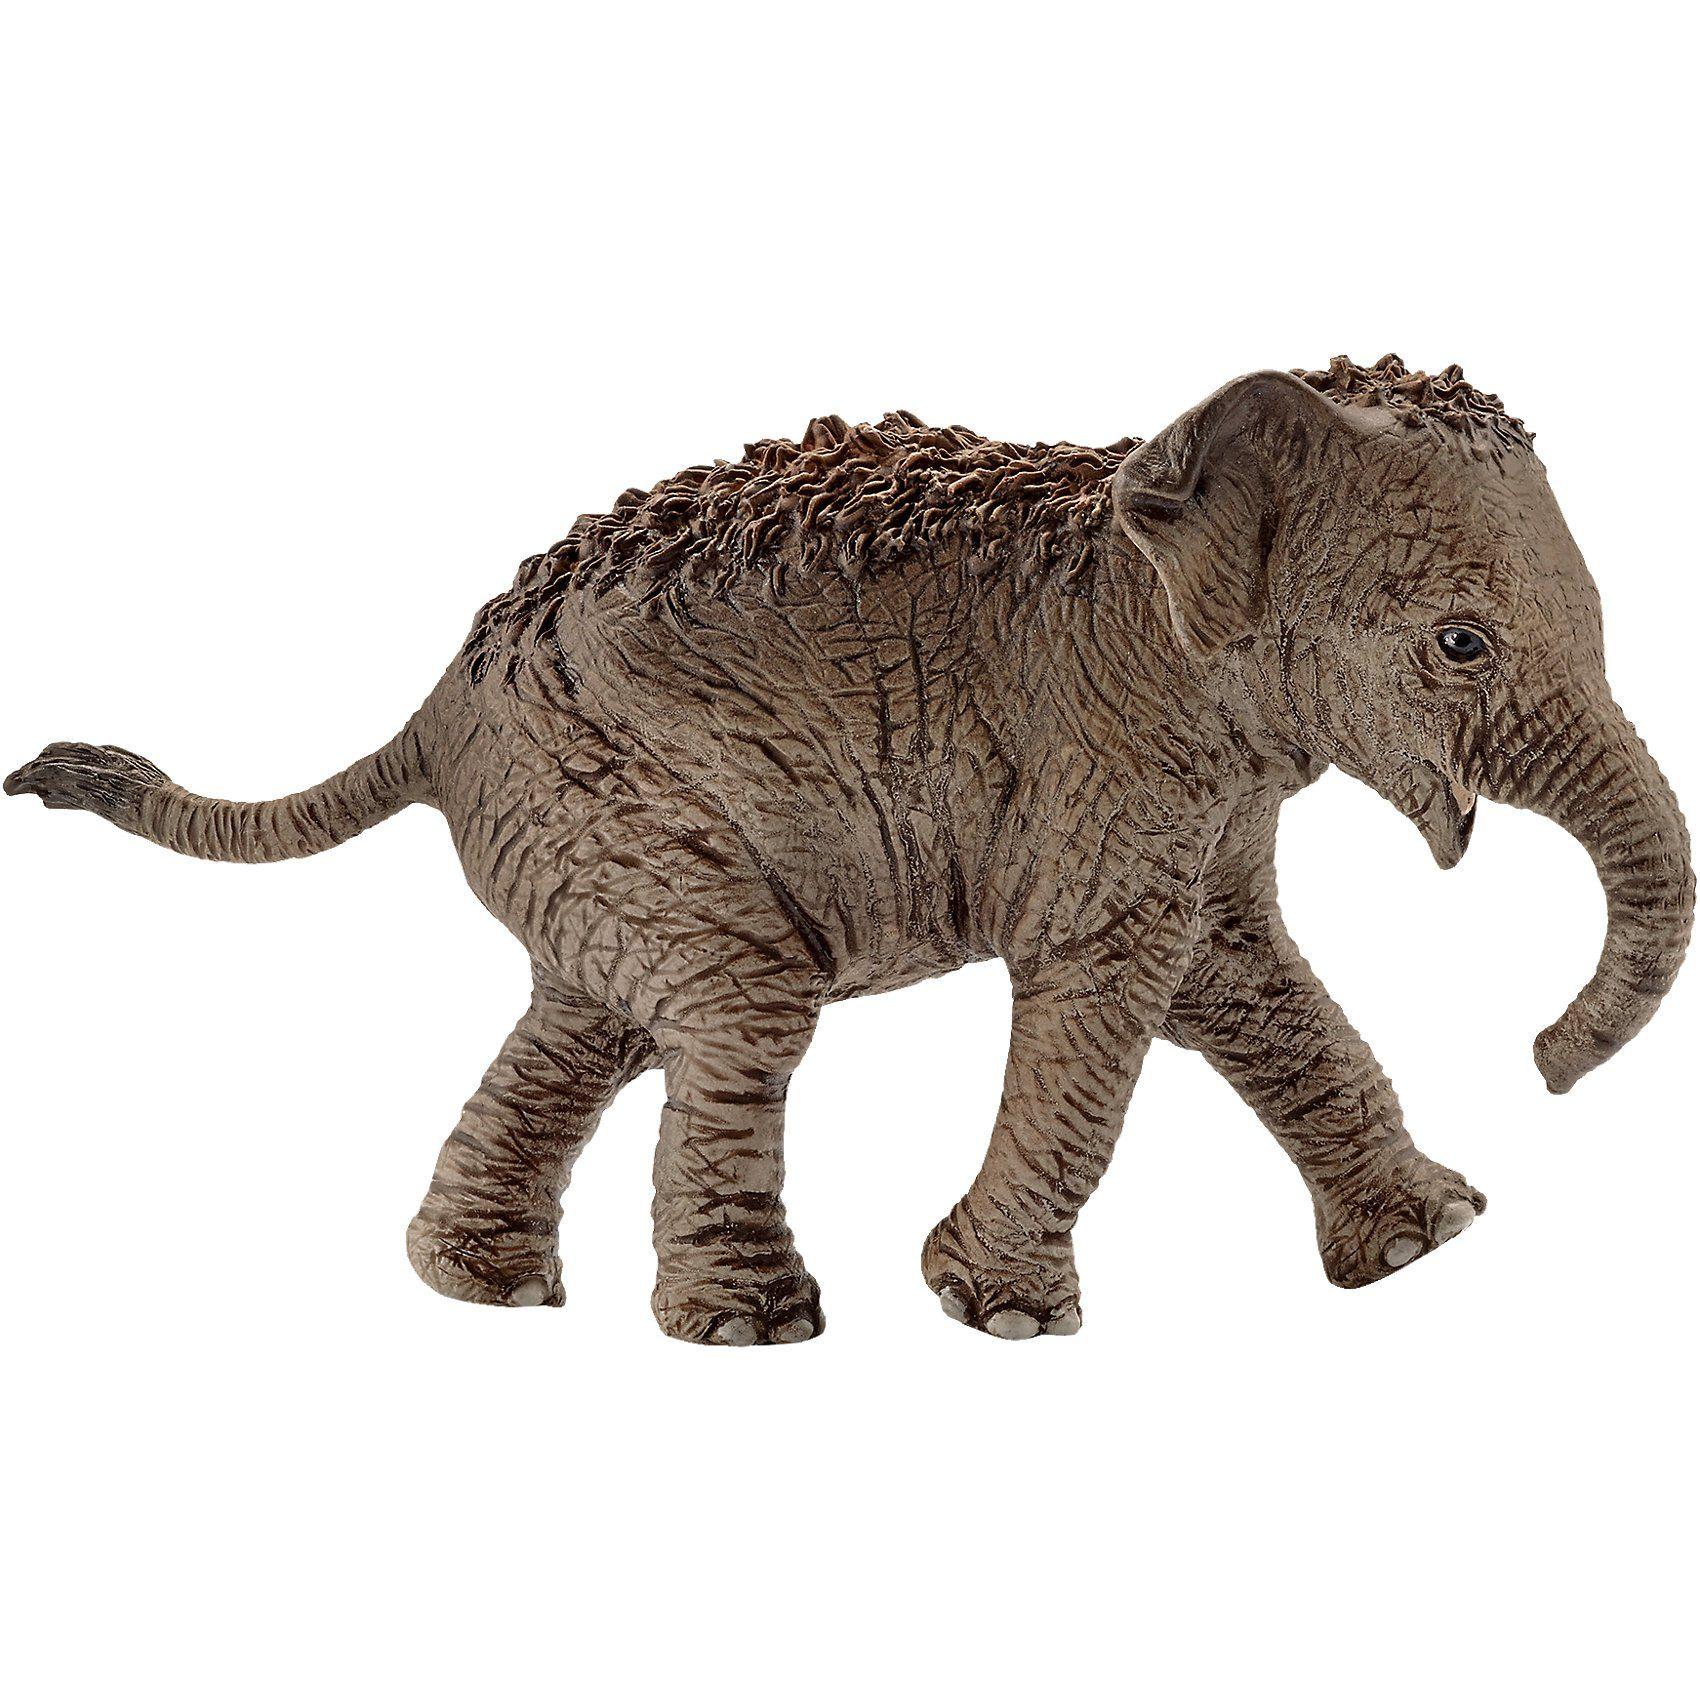 Schleich 14755 Wild Life: Asiatisches Elefantenbaby